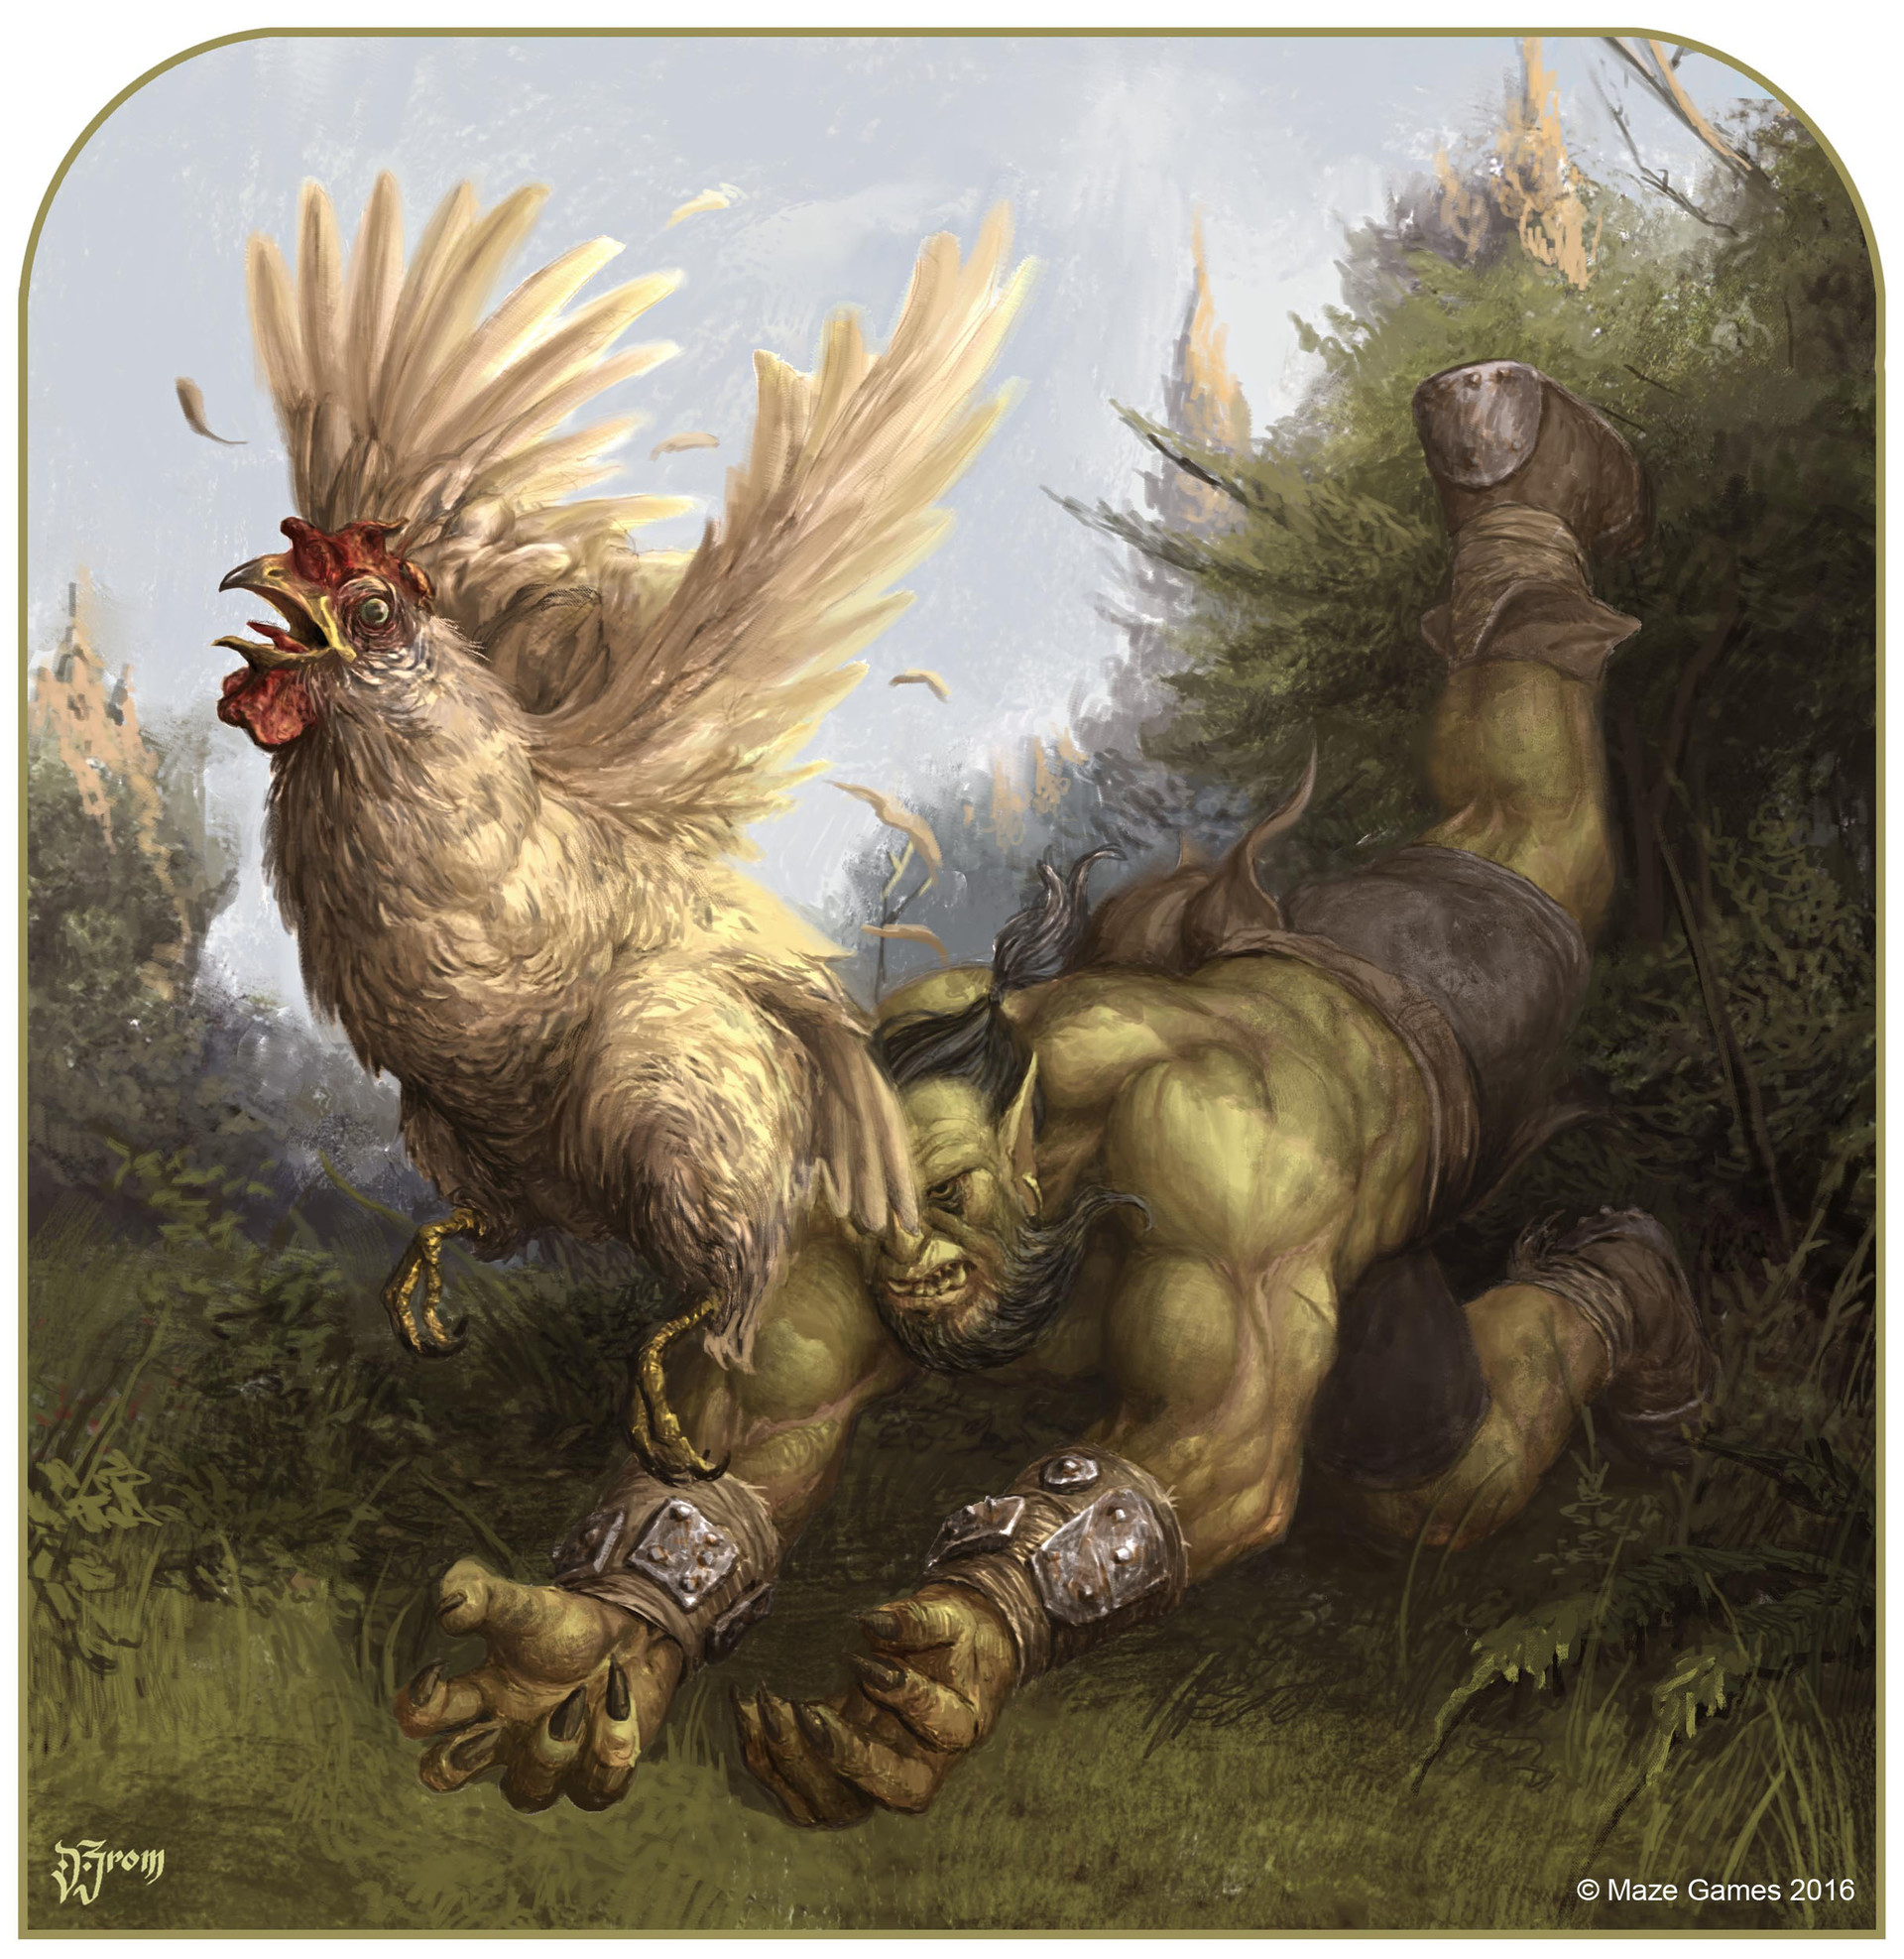 Daniel zrom danielzrom chickenscene